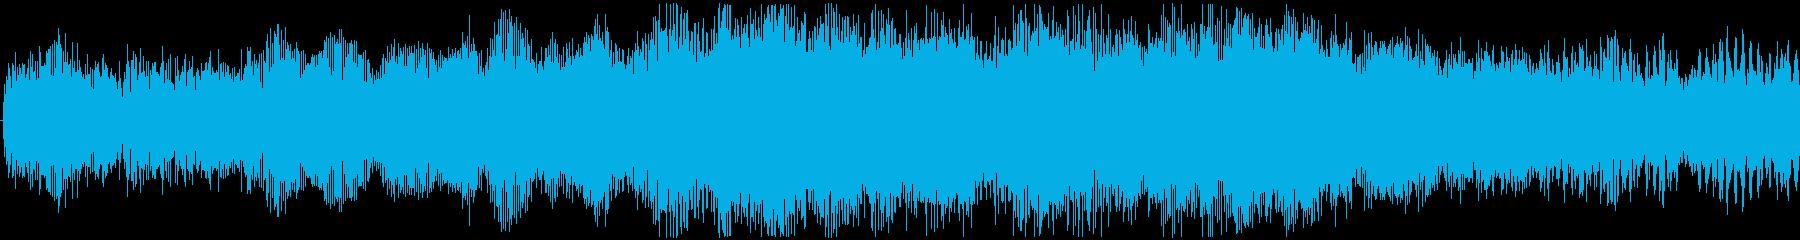 【ファンタジー/ホラー/SE】の再生済みの波形